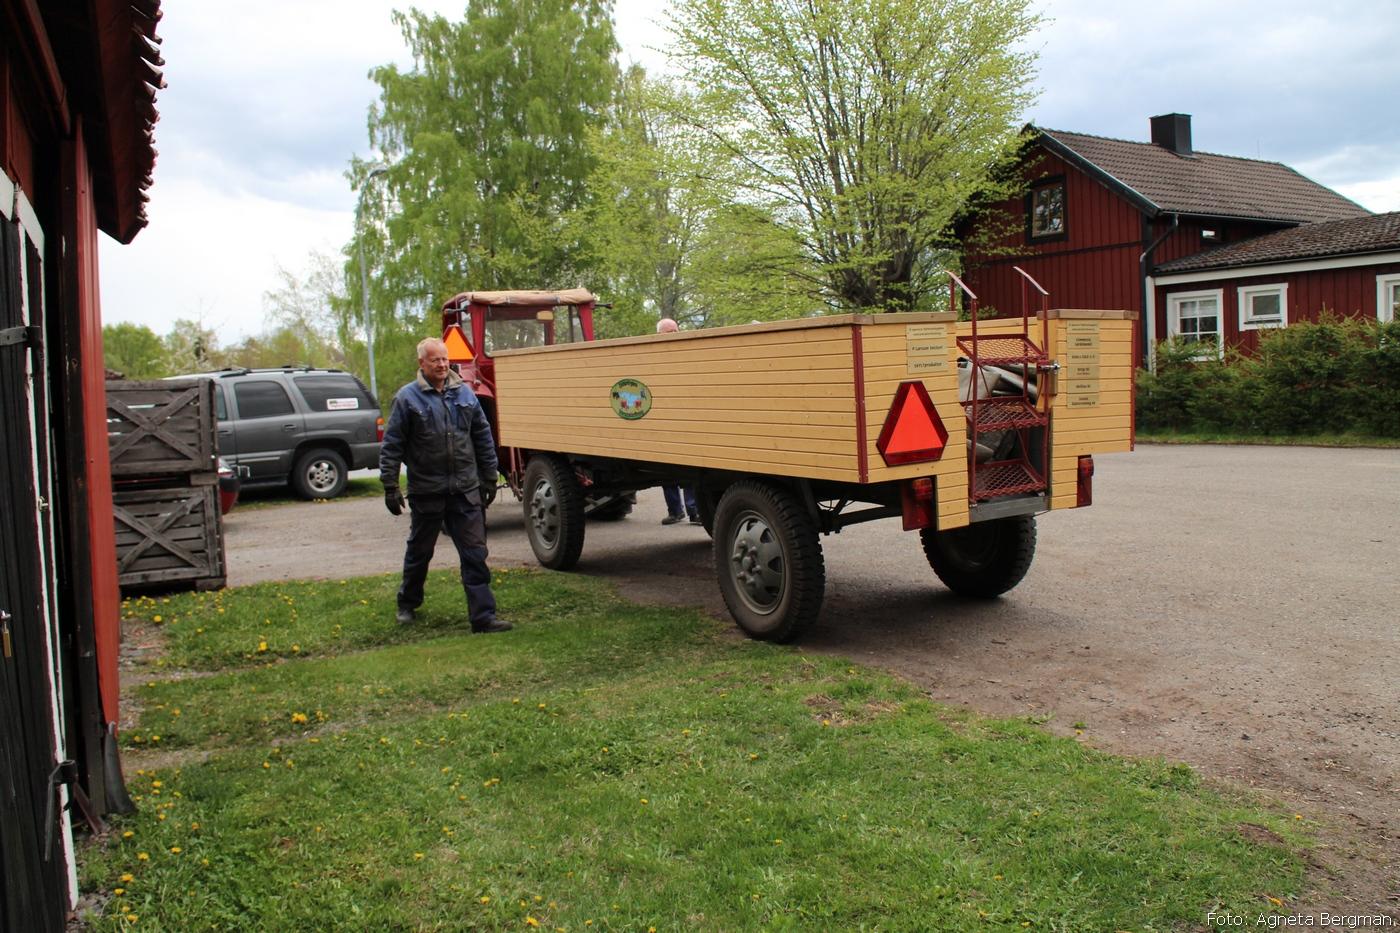 2014-05-03_103_traktorflytt